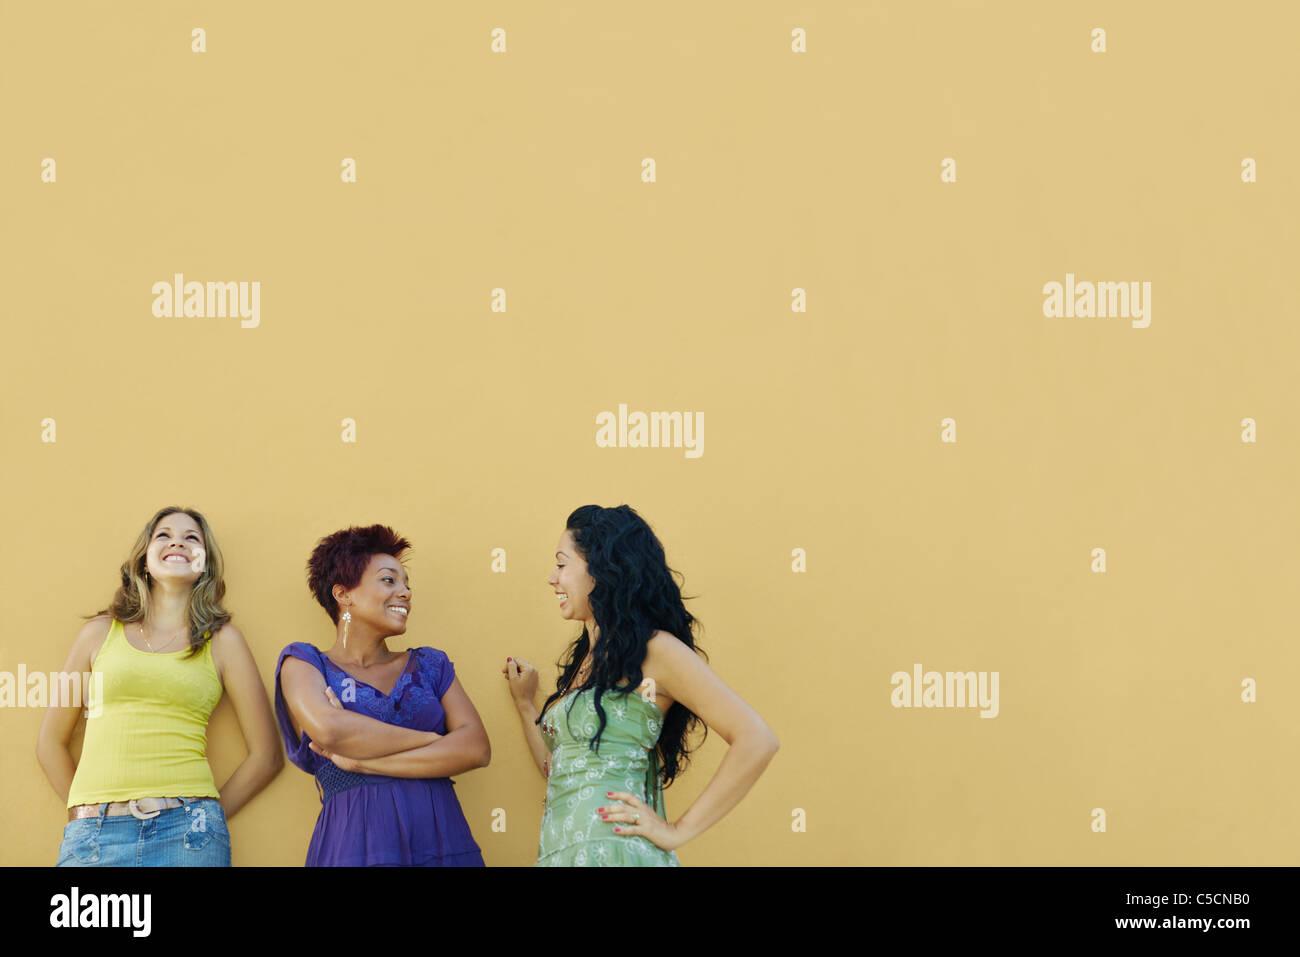 Grupo de três amigos hispânicos do sexo feminino encostando na parede amarelo e rindo. Forma horizontal, Imagens de Stock